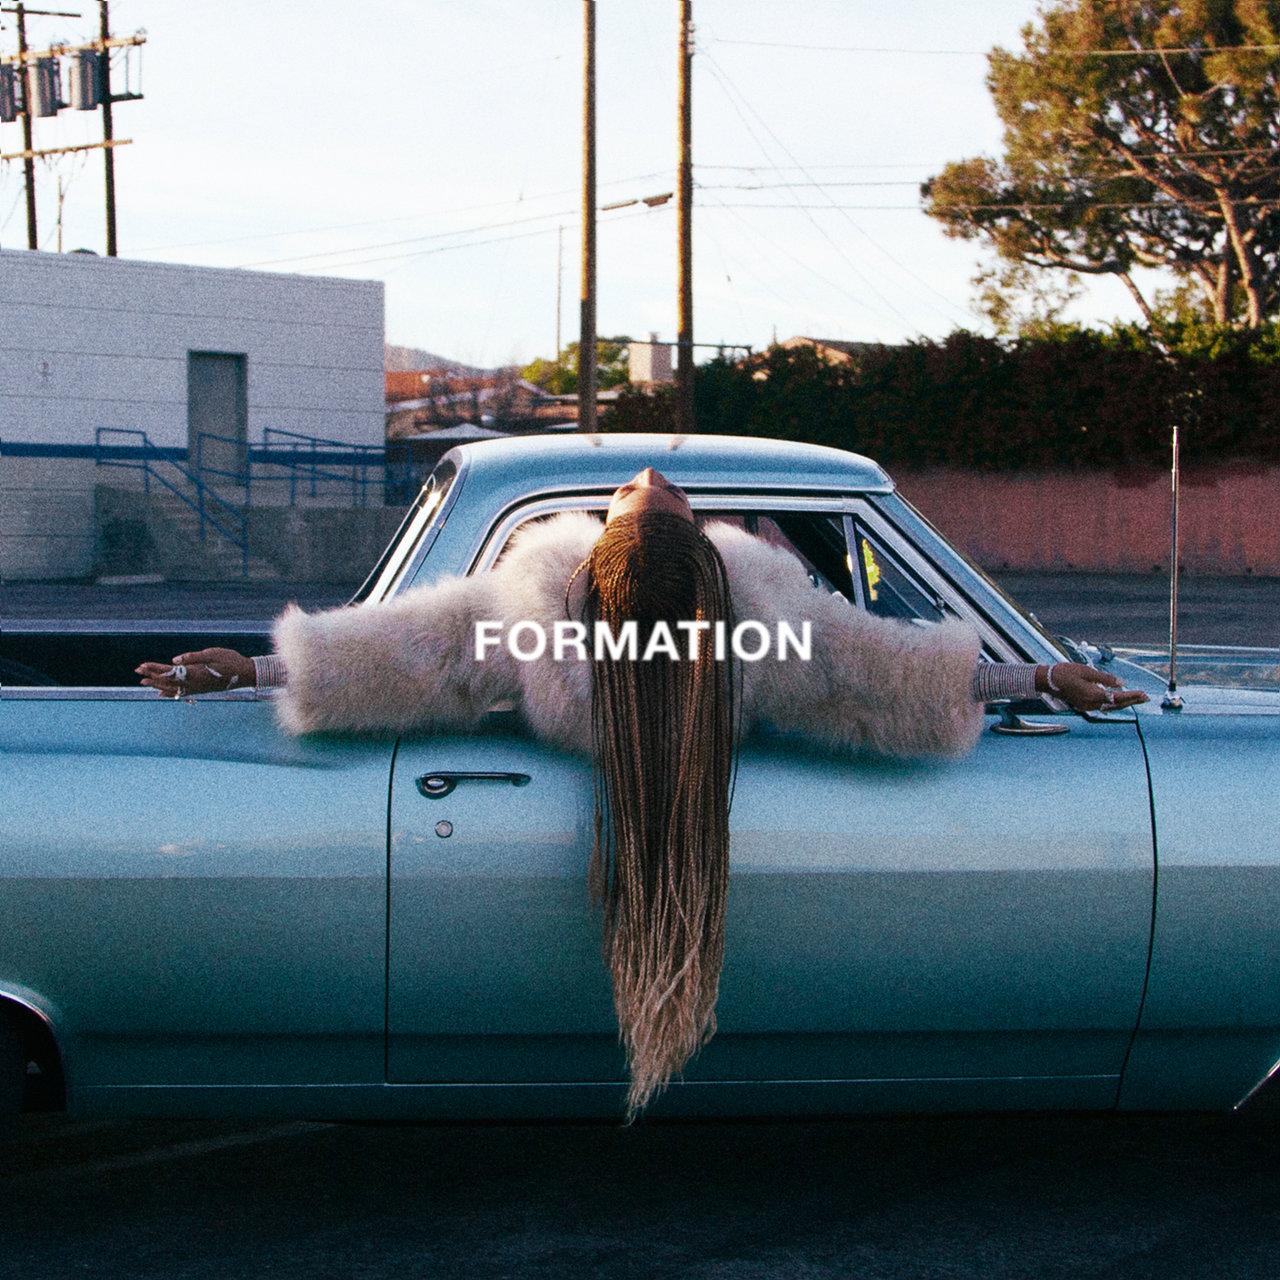 Beyoncé-Formation-2016-1280x1280